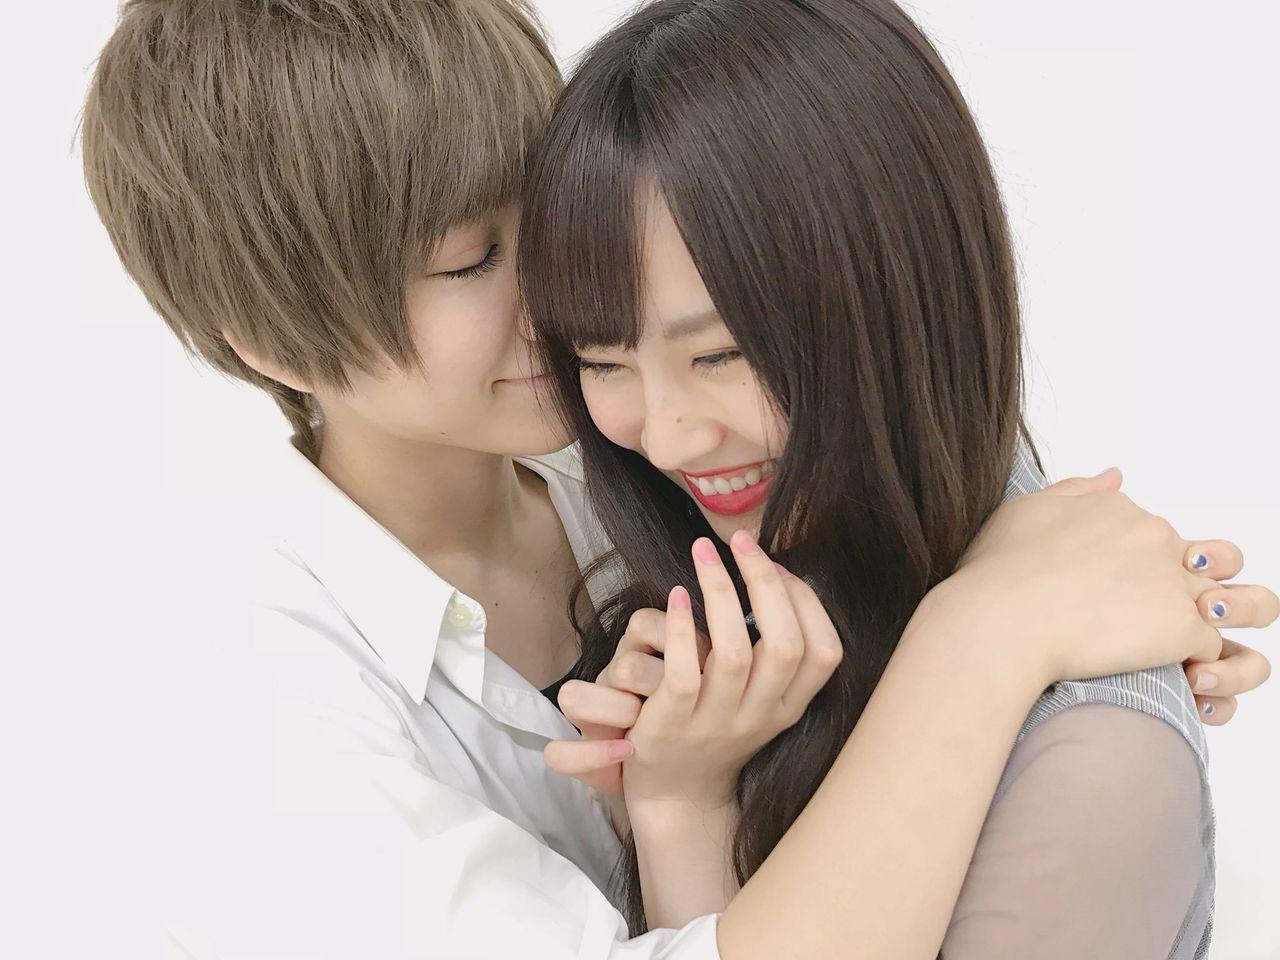 【画像】イケメンに抱擁されるNMBメンバーをご覧くださいwwwwwww